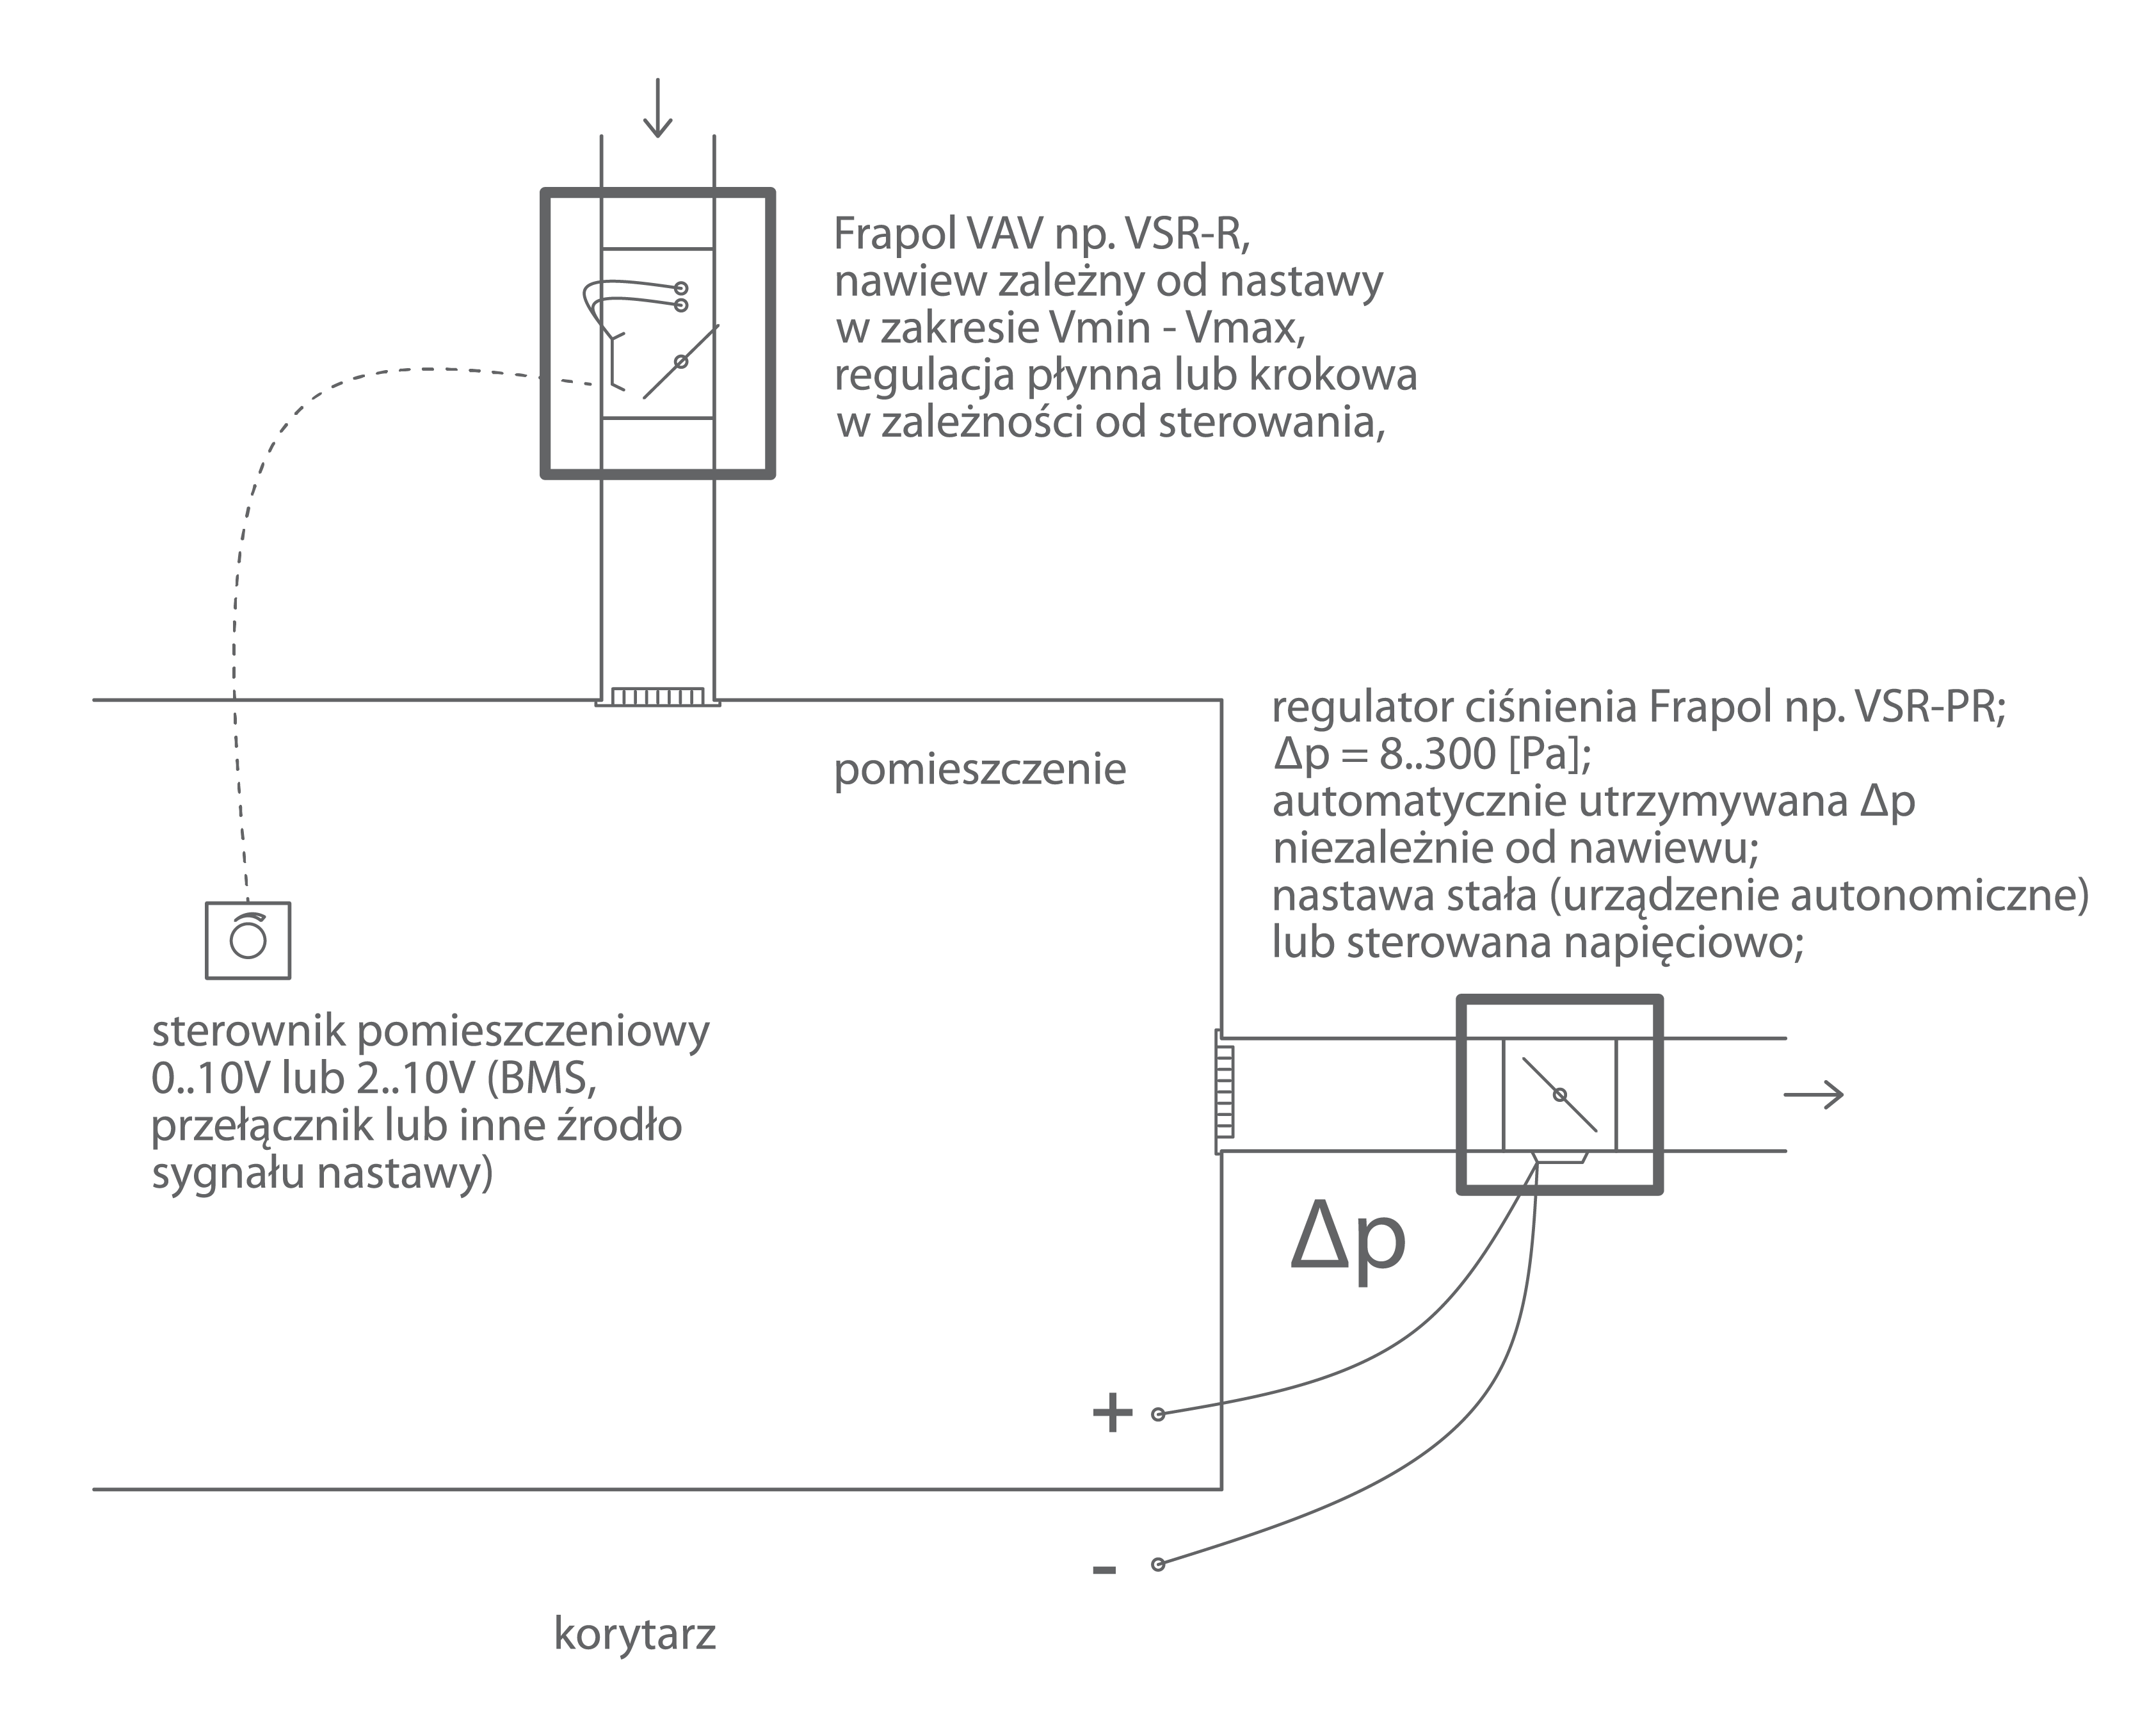 regulacja przepływu powietrza w instalacjach wentylacyjnych